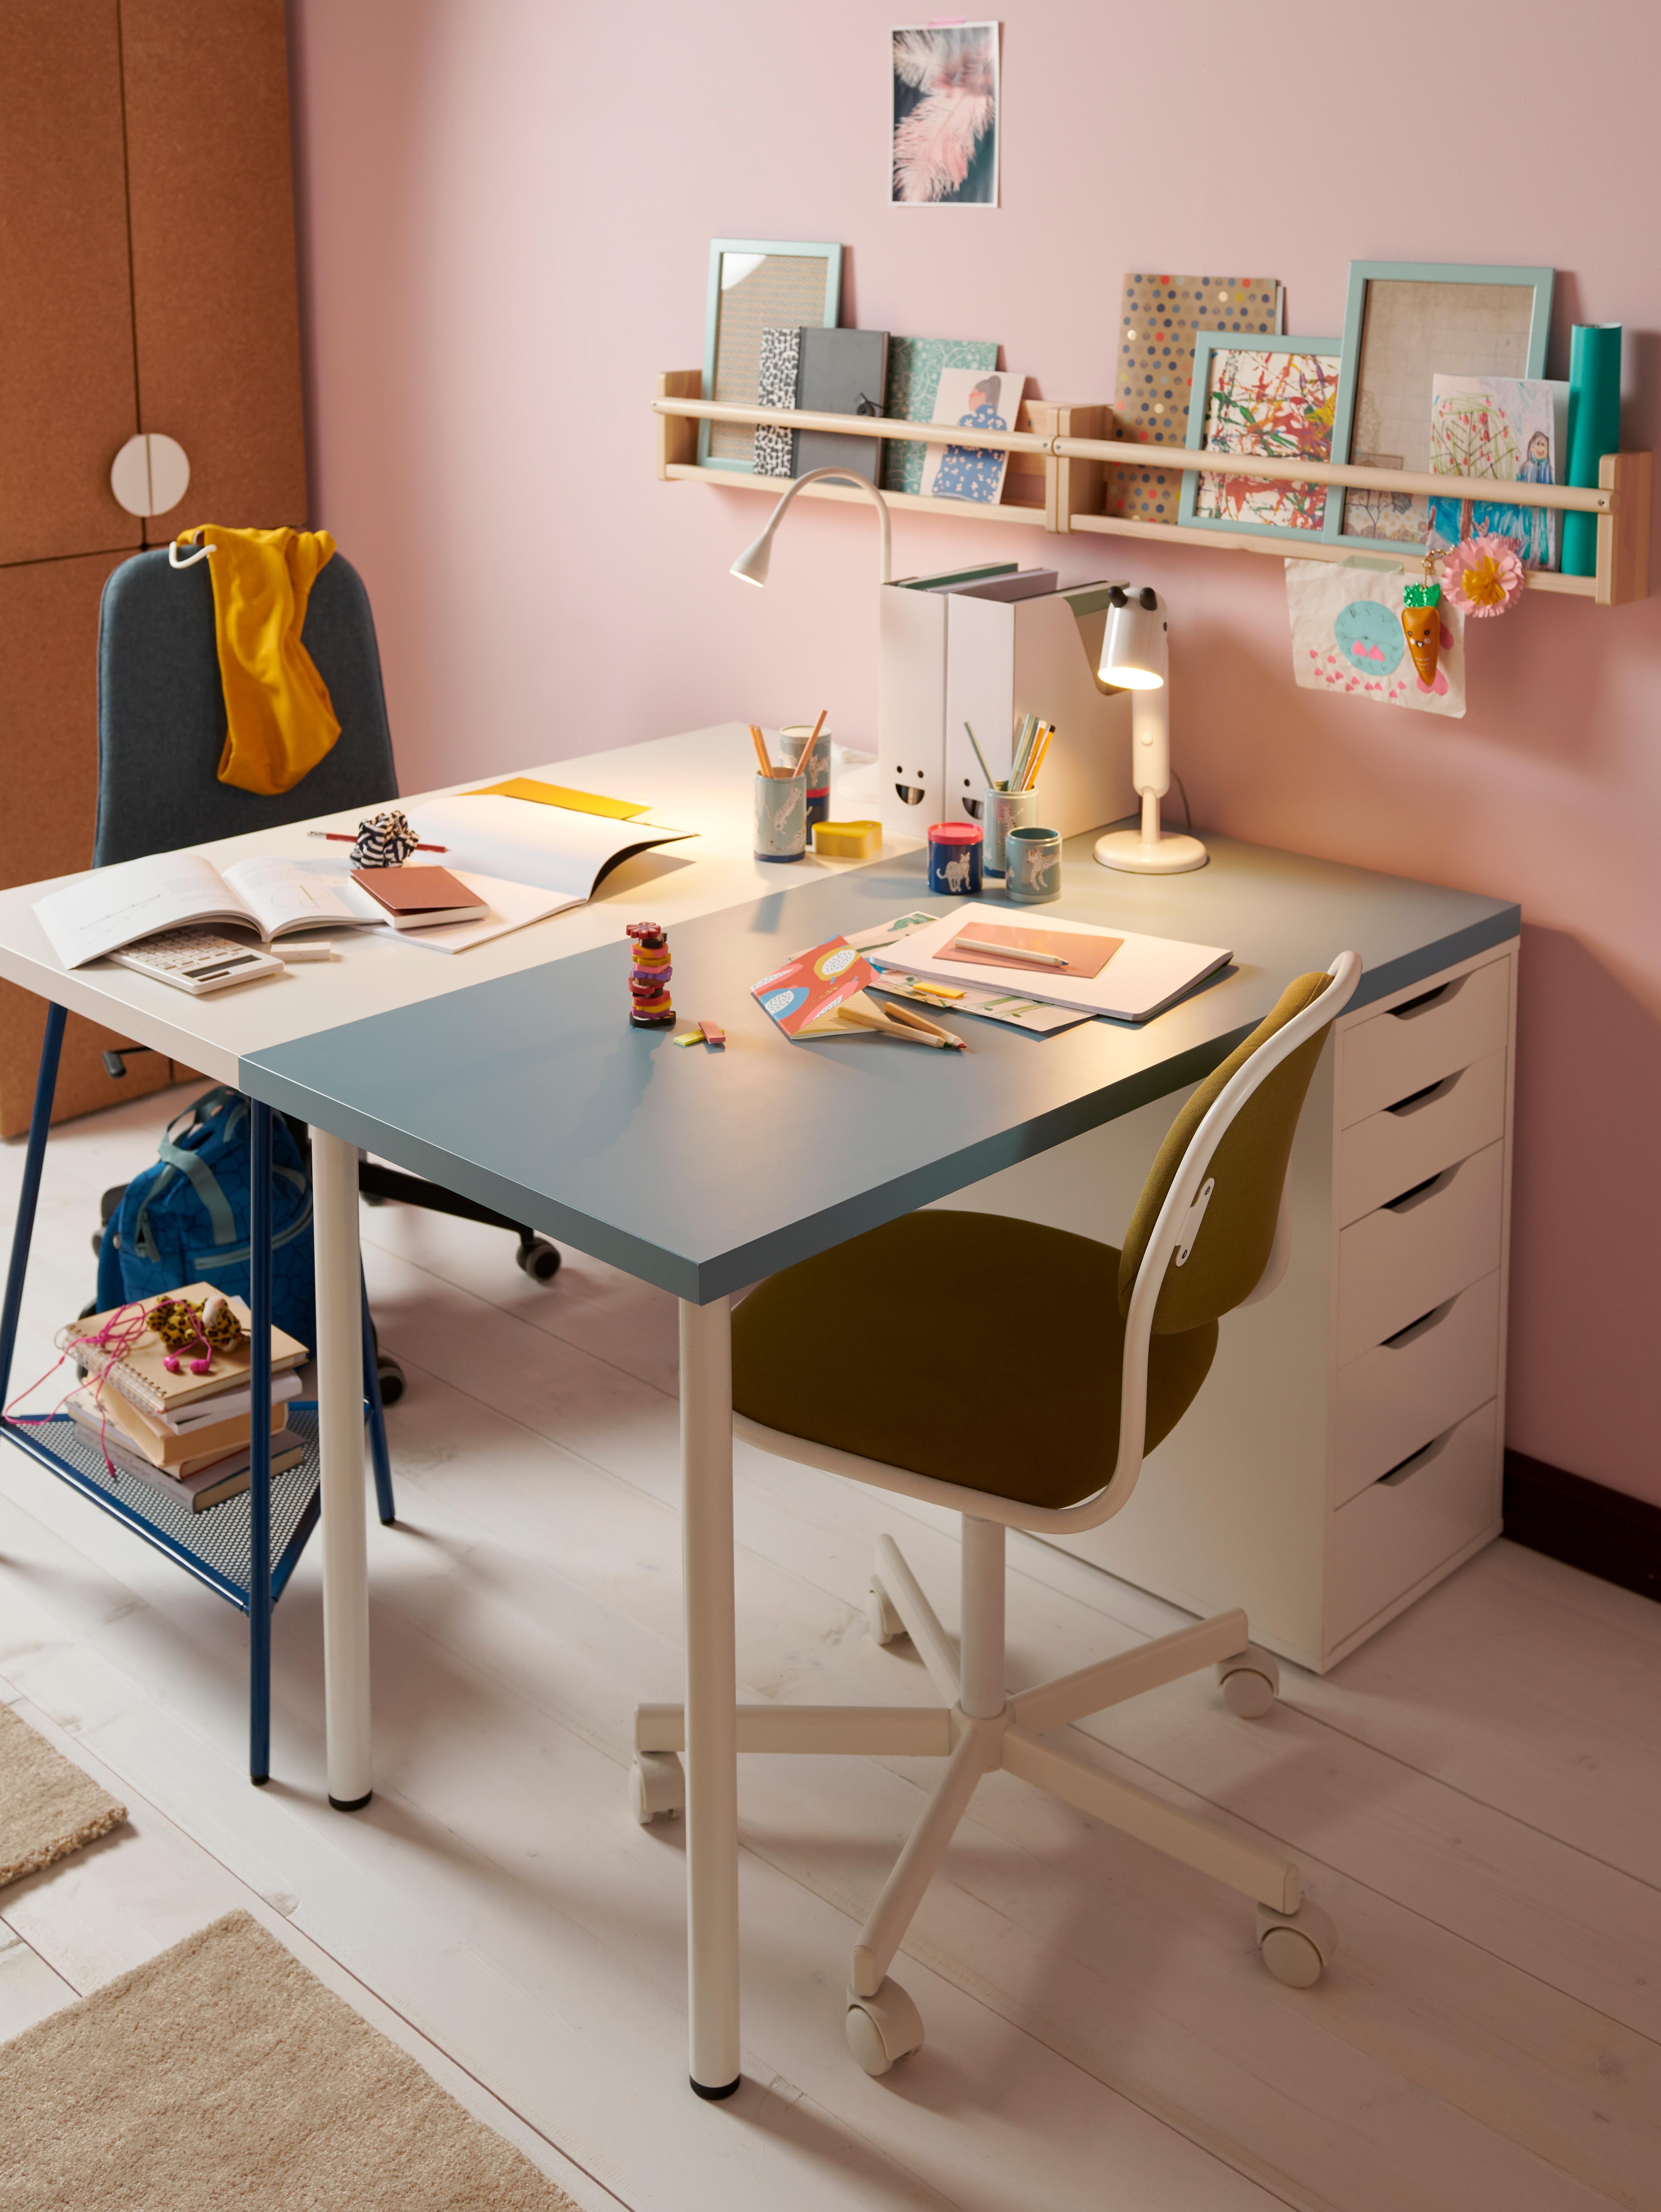 På et pastelfarvet børneværelse står to skriveborde med henholdsvis en hvid og en blå bordplade vendt mod hinanden med skrivebordsstole.